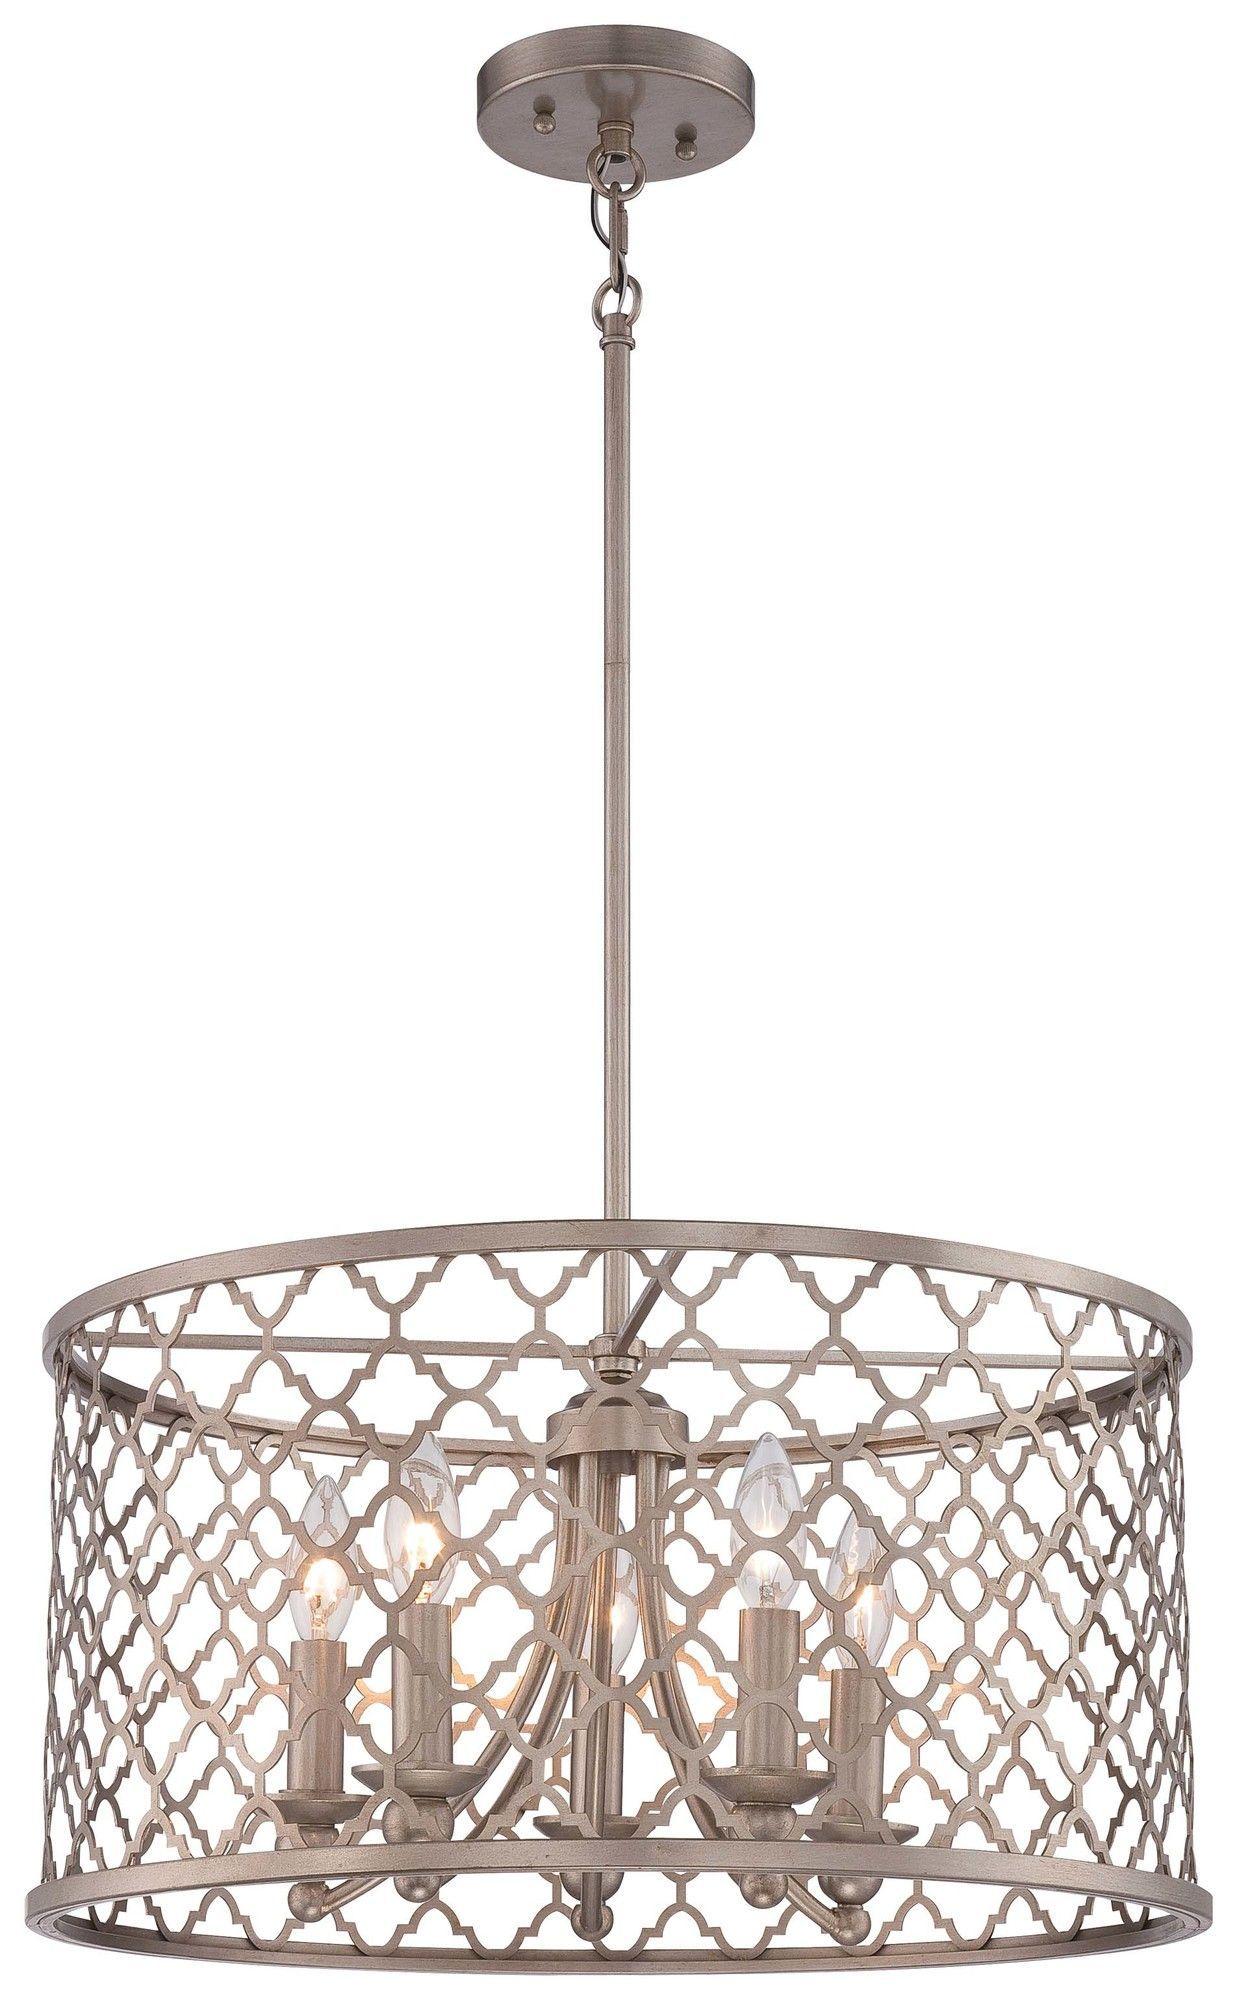 5 light drum chandelier chandeliers pinterest drum chandelier 5 light drum chandelier arubaitofo Images